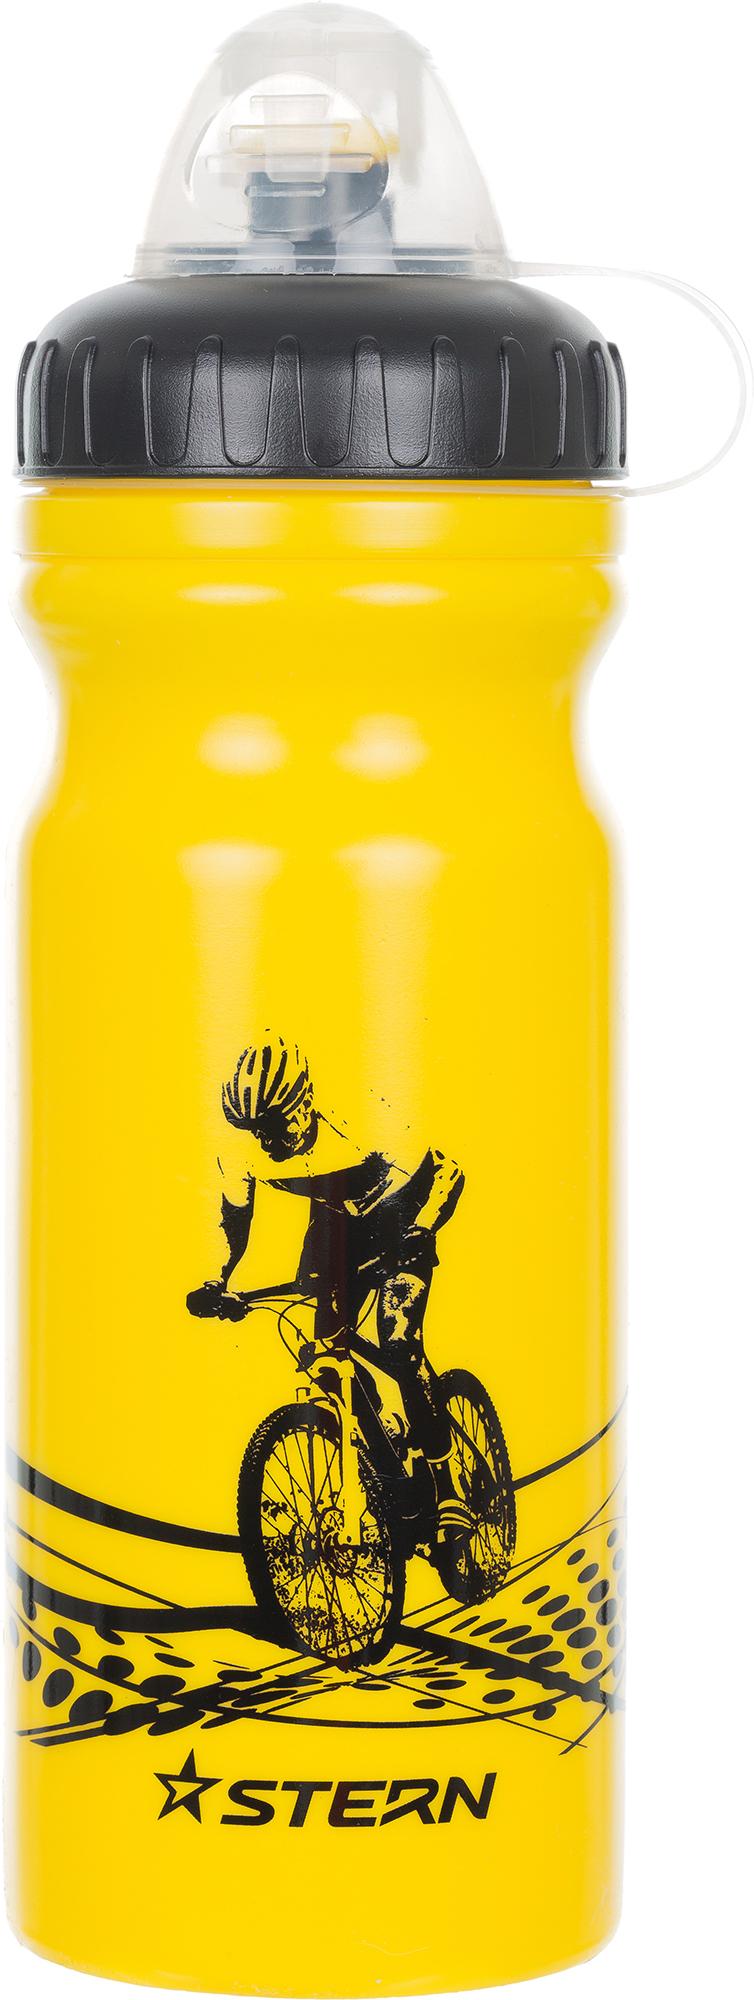 Stern Фляжка велосипедная Stern, размер Без размера stern фляжка велосипедная stern 800 мл размер без размера